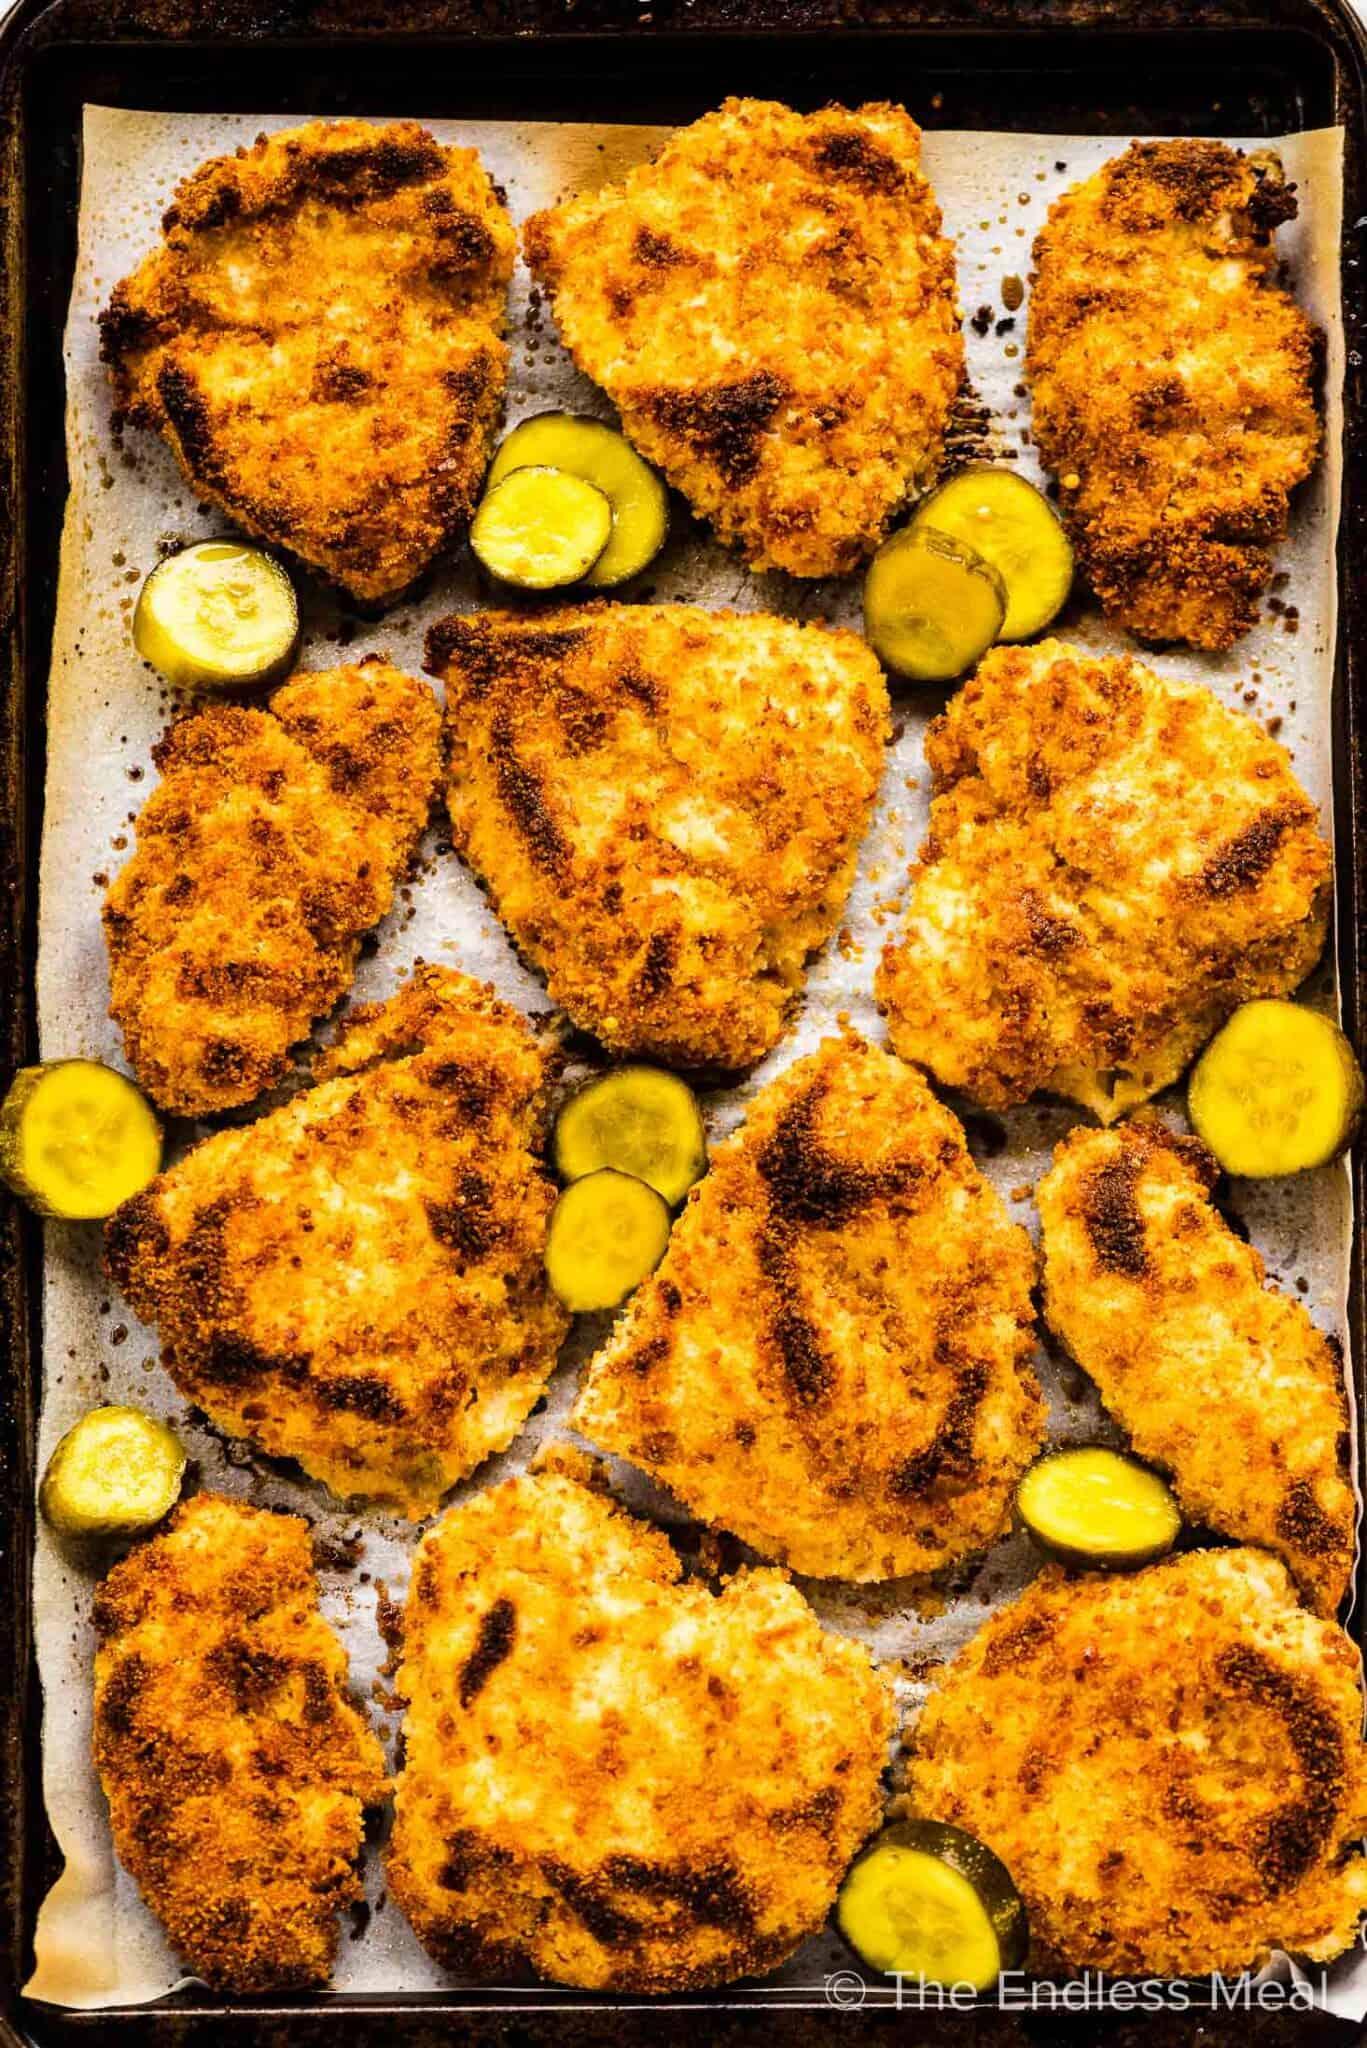 Pickle brine chicken on a baking sheet.